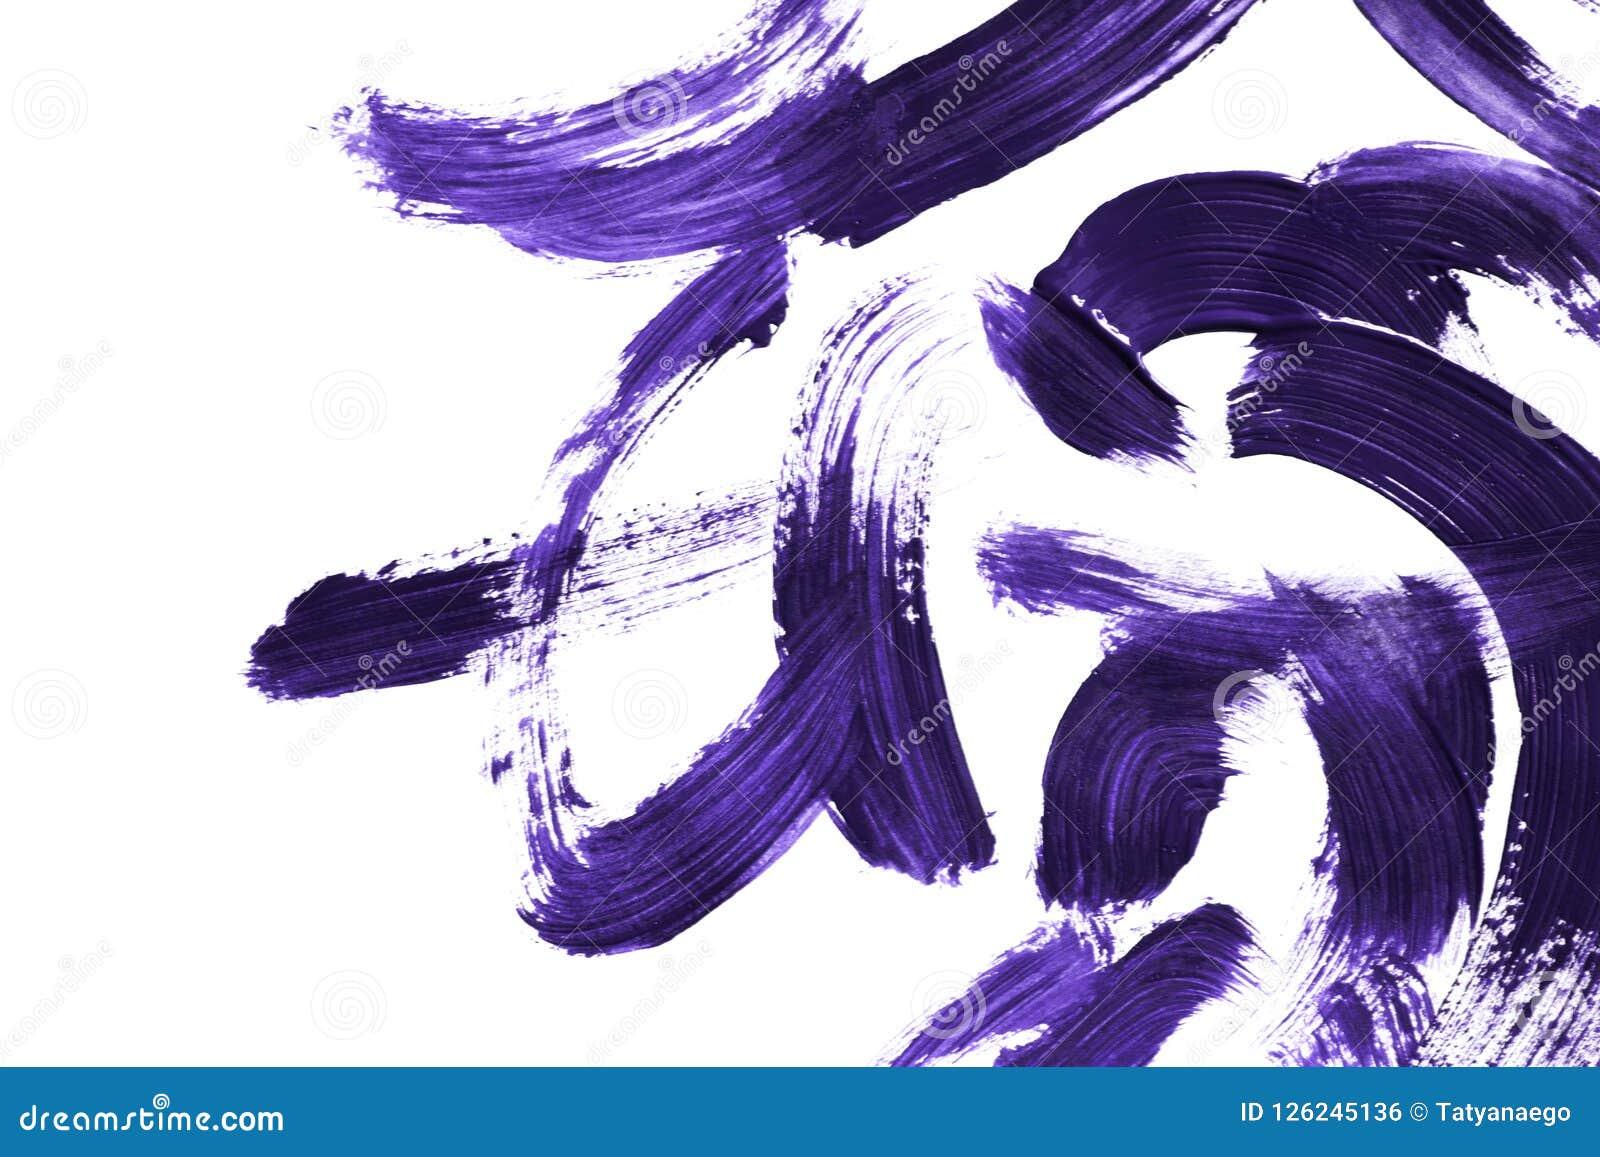 Фиолетовые ходы кисти